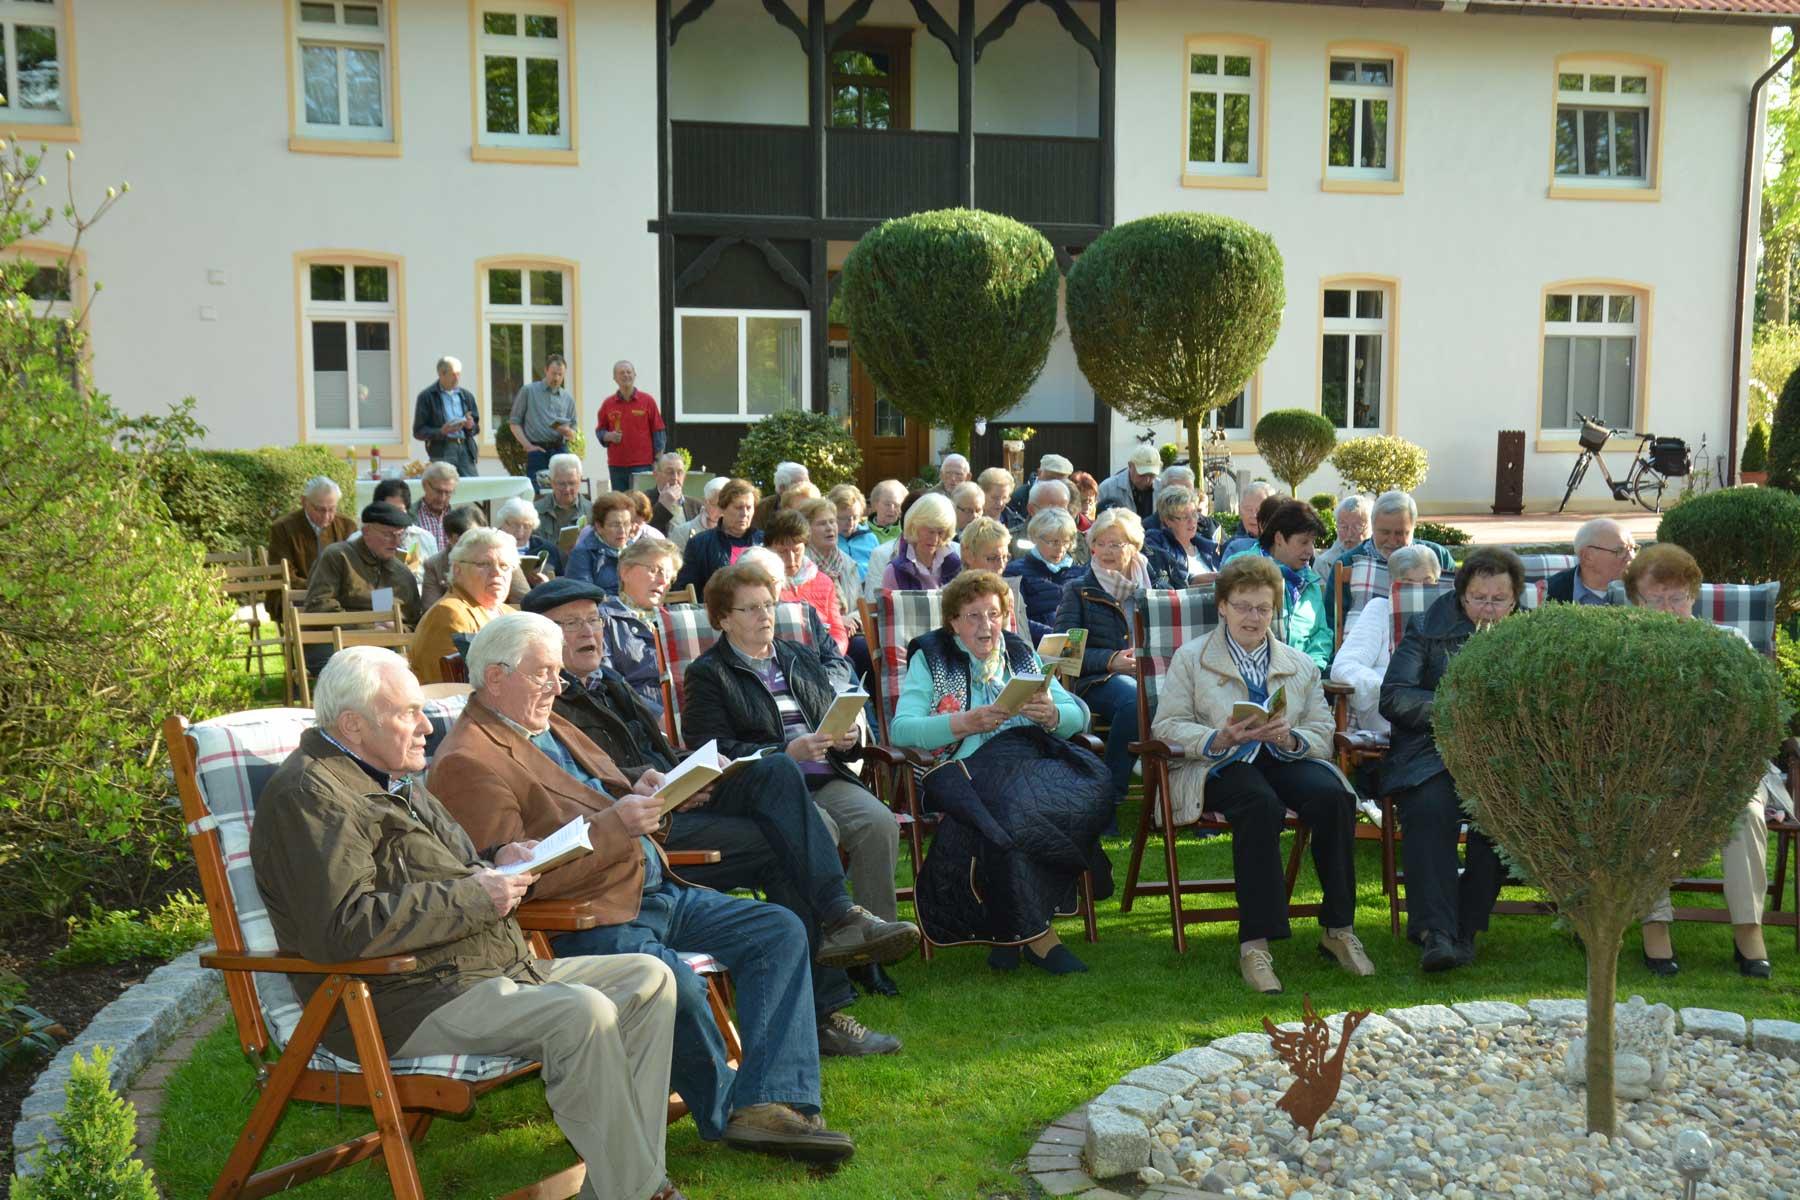 Im Bauerngarten des Hofes Meyer zu Brickwedde trafen sich 90 Heimatfreunde zum gemeinsamen Singen Fotos: Georg Geers